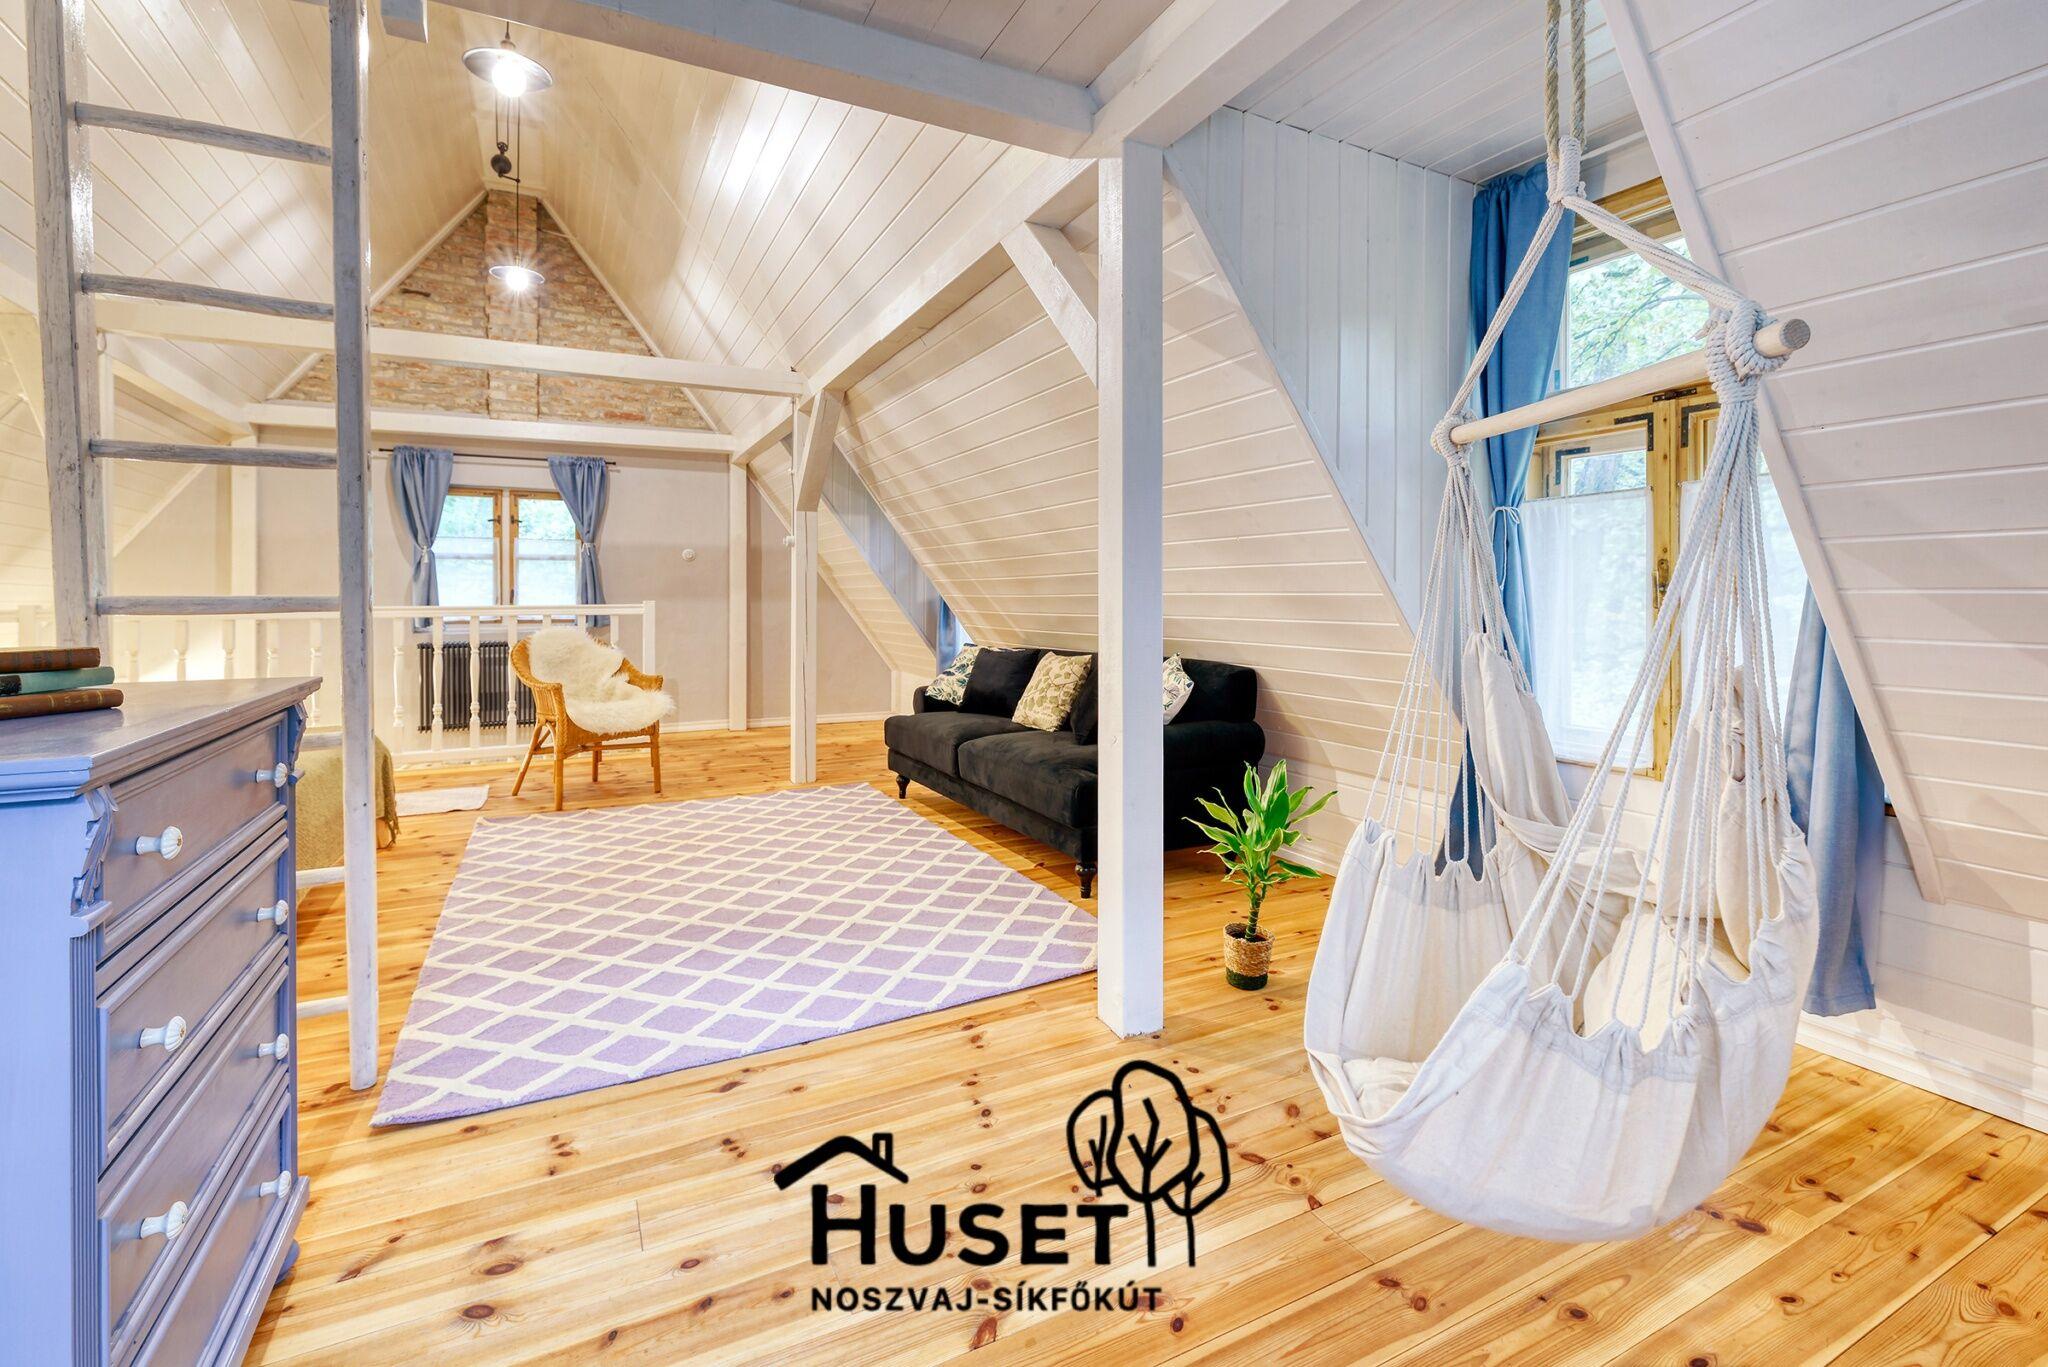 Noszvaj Huset Vendégház- egy csepp skandinávia